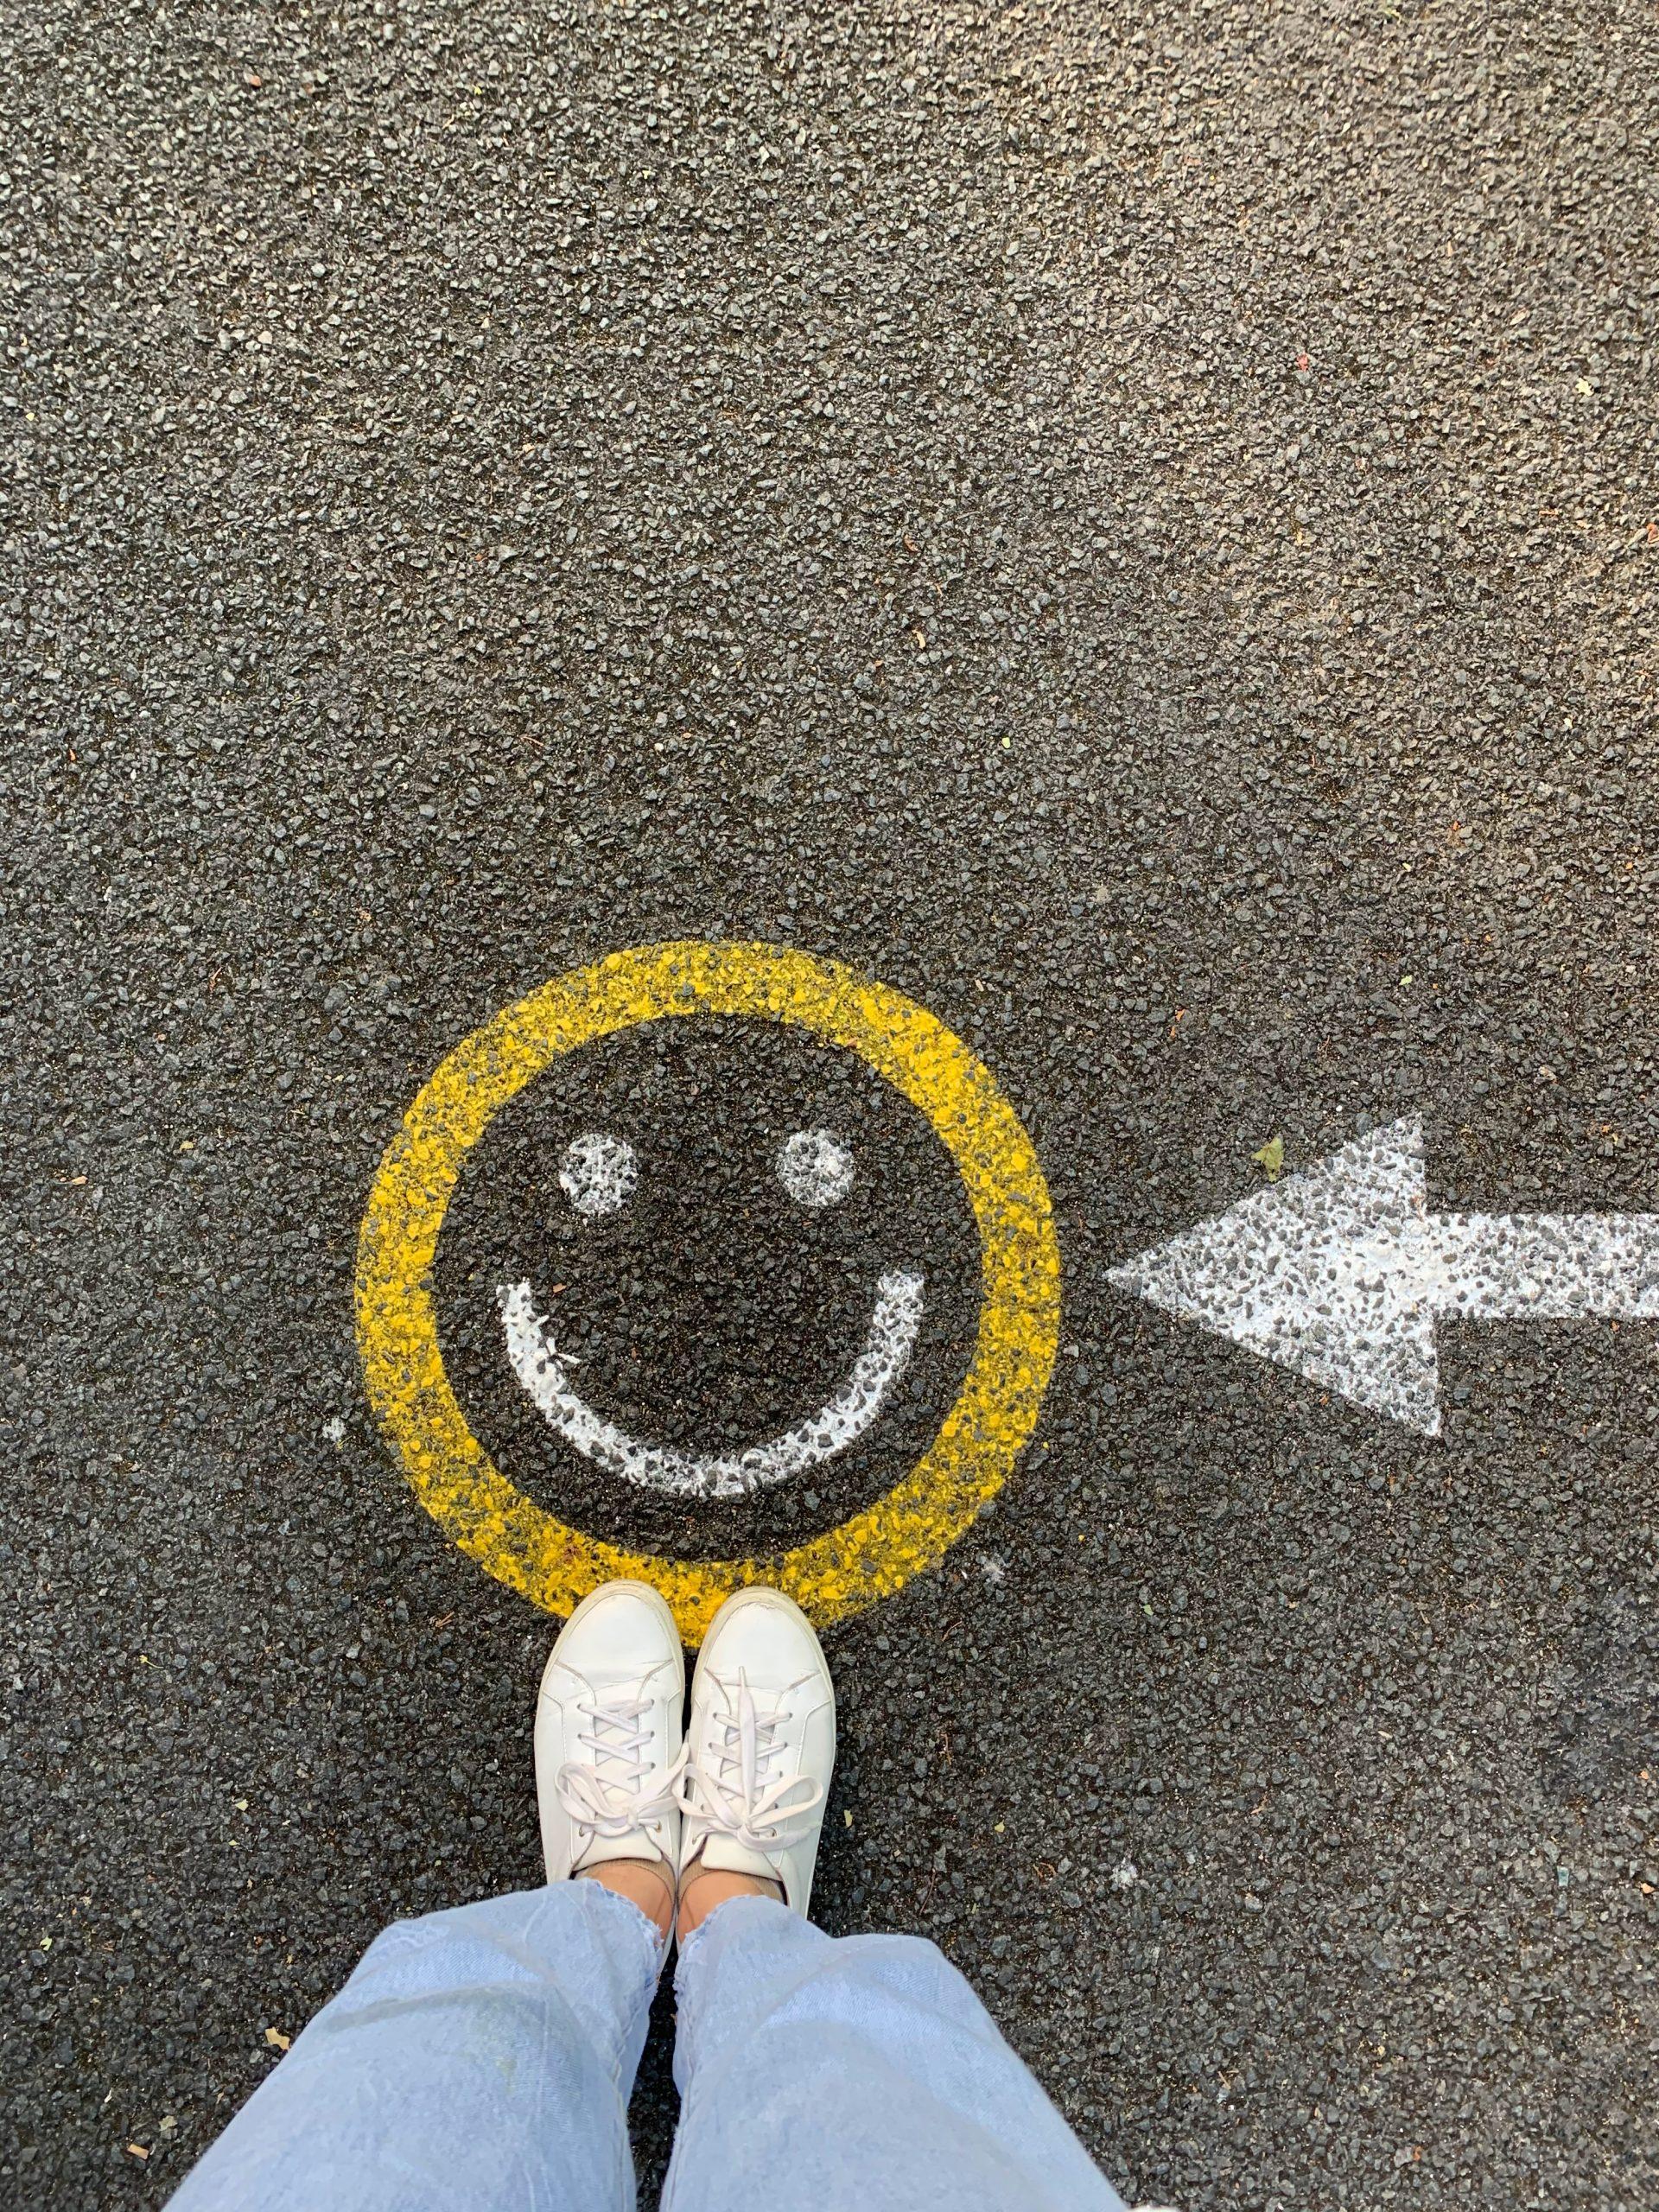 Zdjęcie przedstawia strzałkę wskazującą na rysunek z uśmiechem